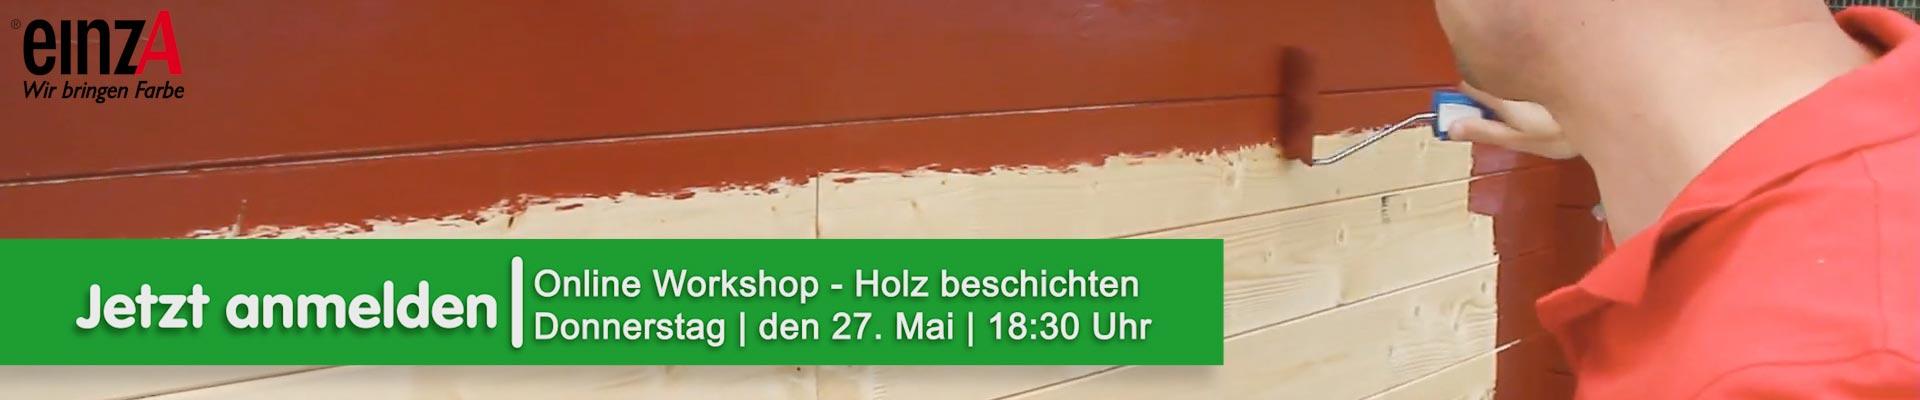 Online Praxisworkshop einzA